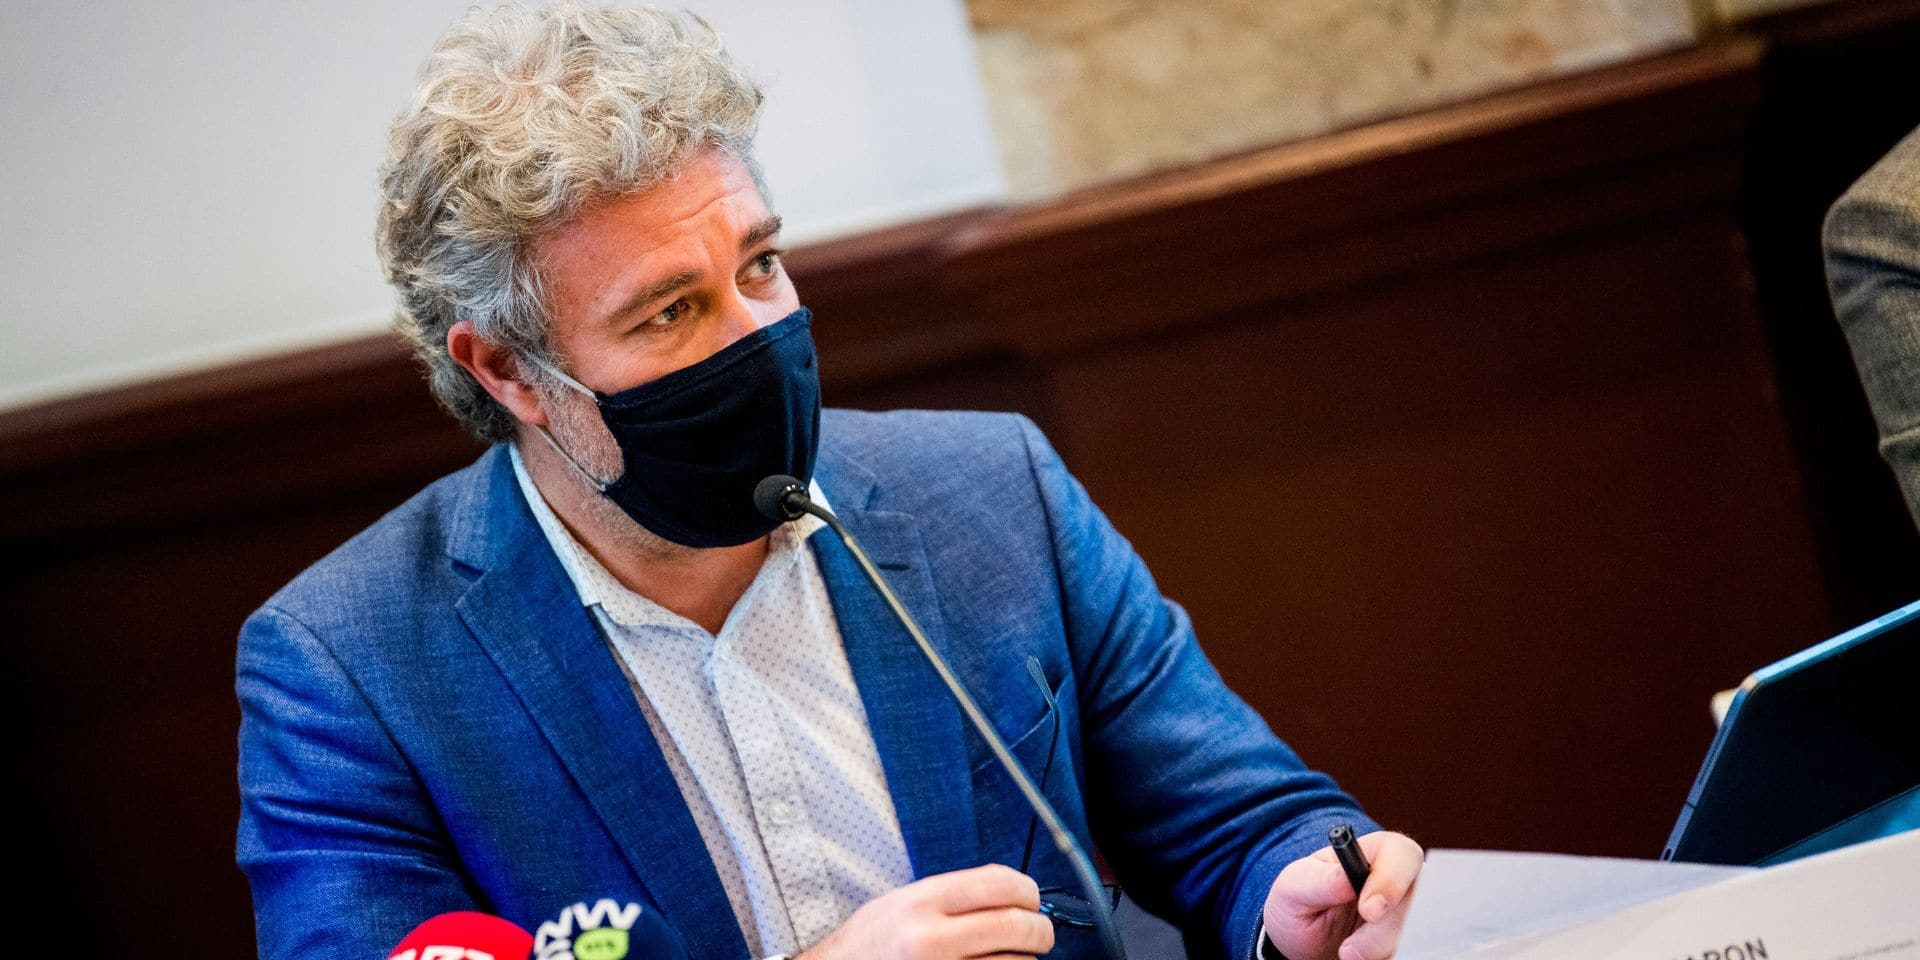 Nuisances des avions : pour Alain Maron, les astreintes imposées à l'Etat sont l'occasion d'entamer un dialogue constructif